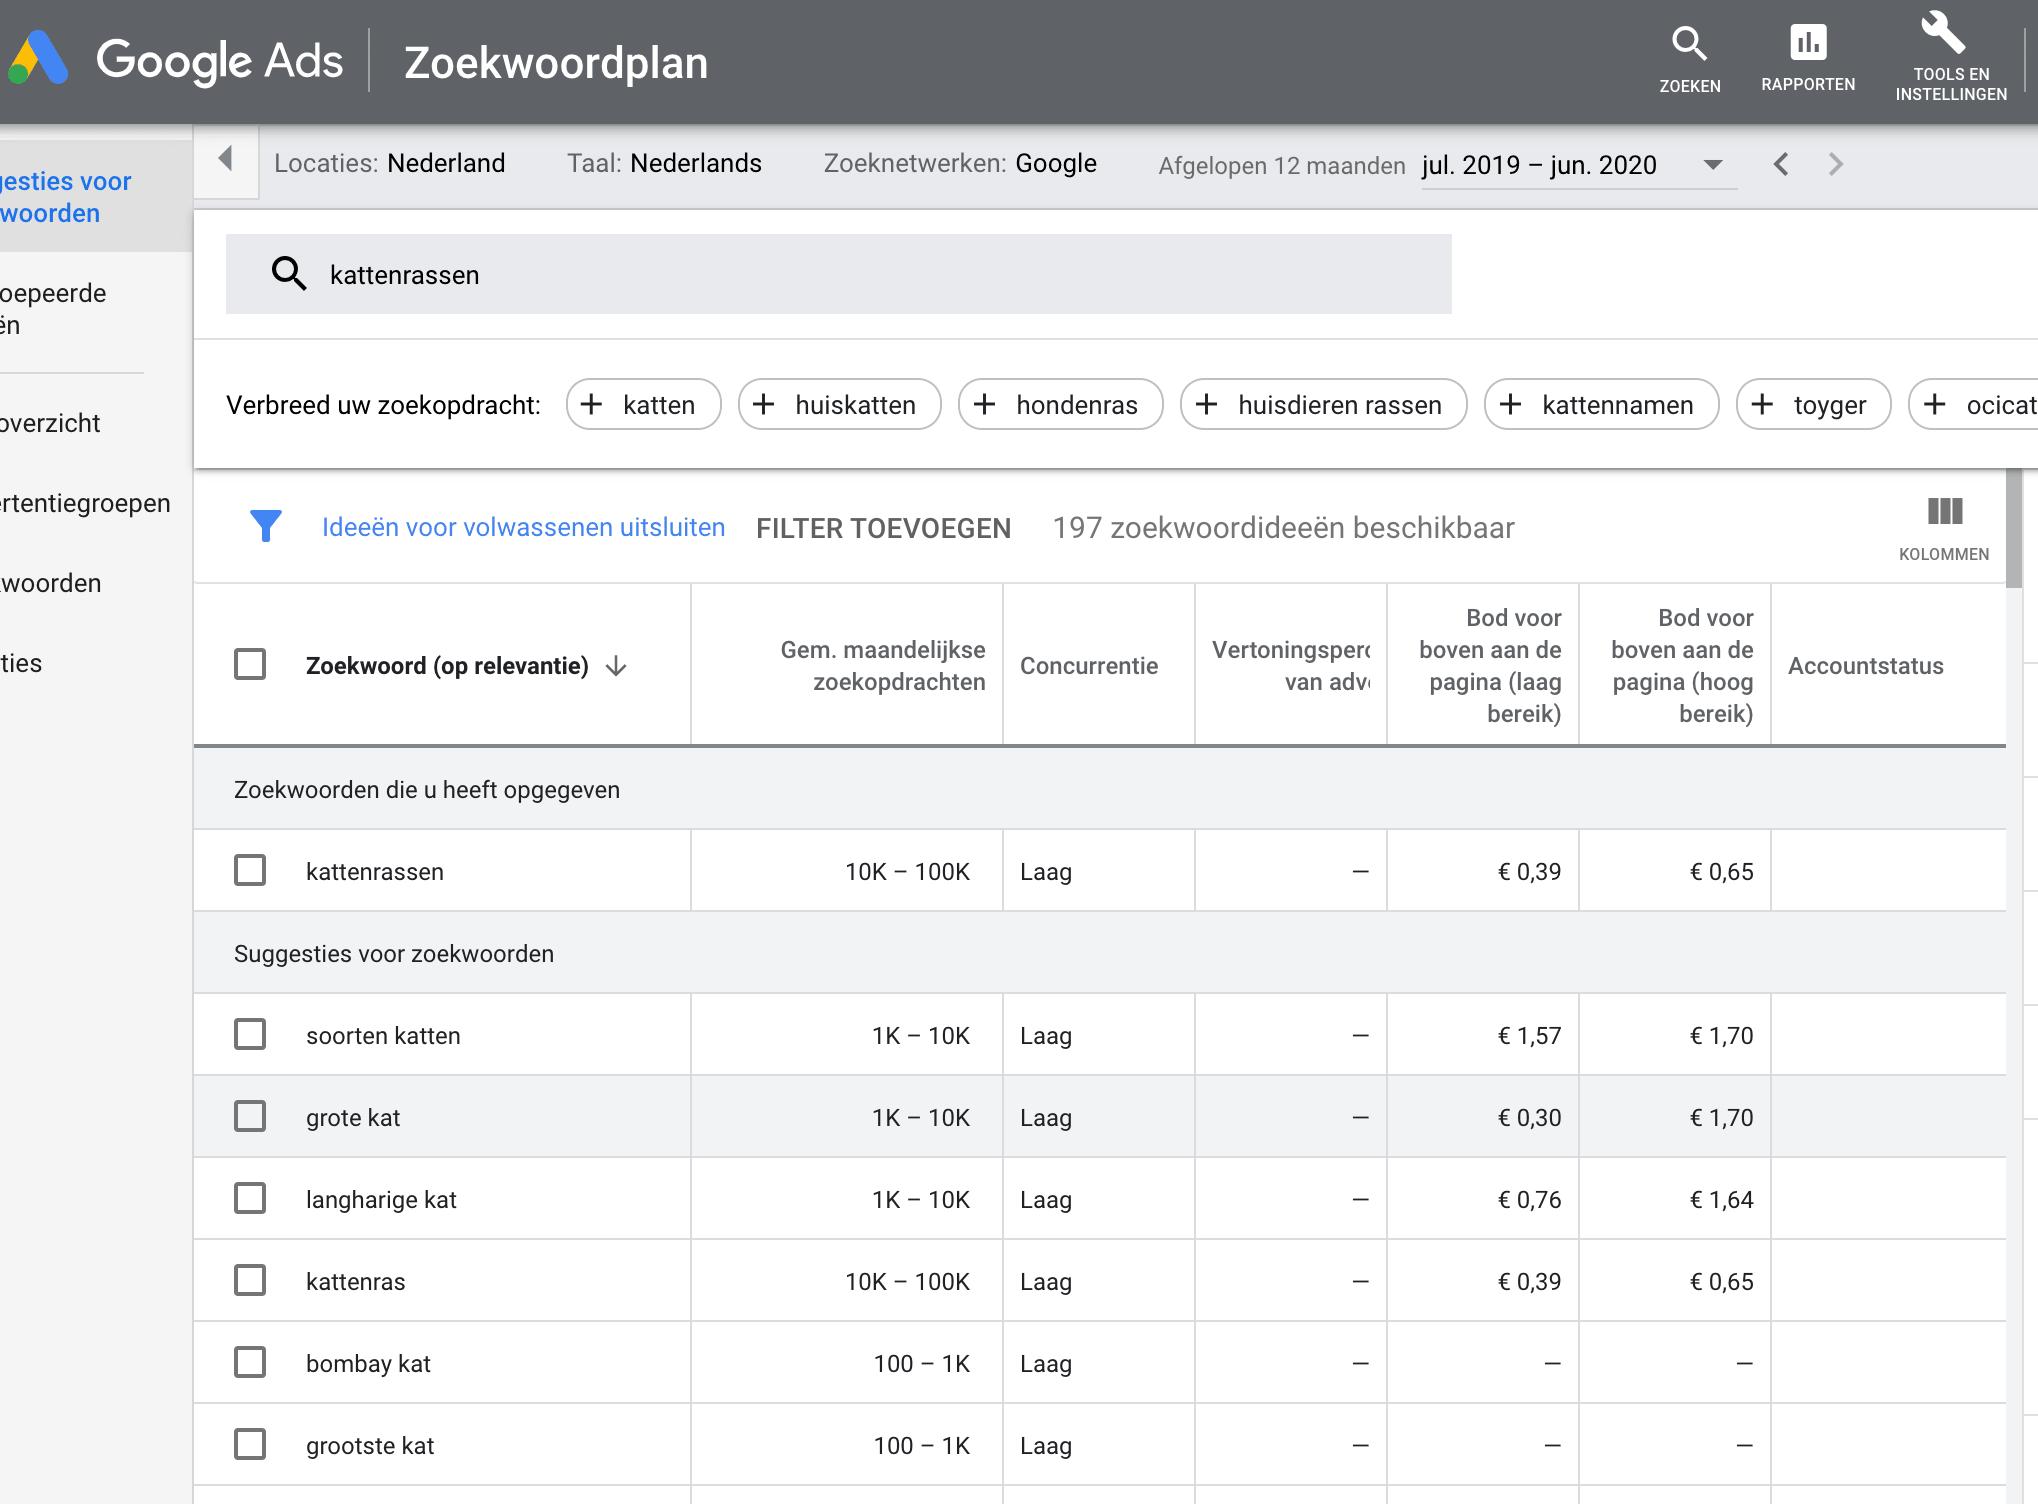 Overzicht zoekwoorden - Google Ads